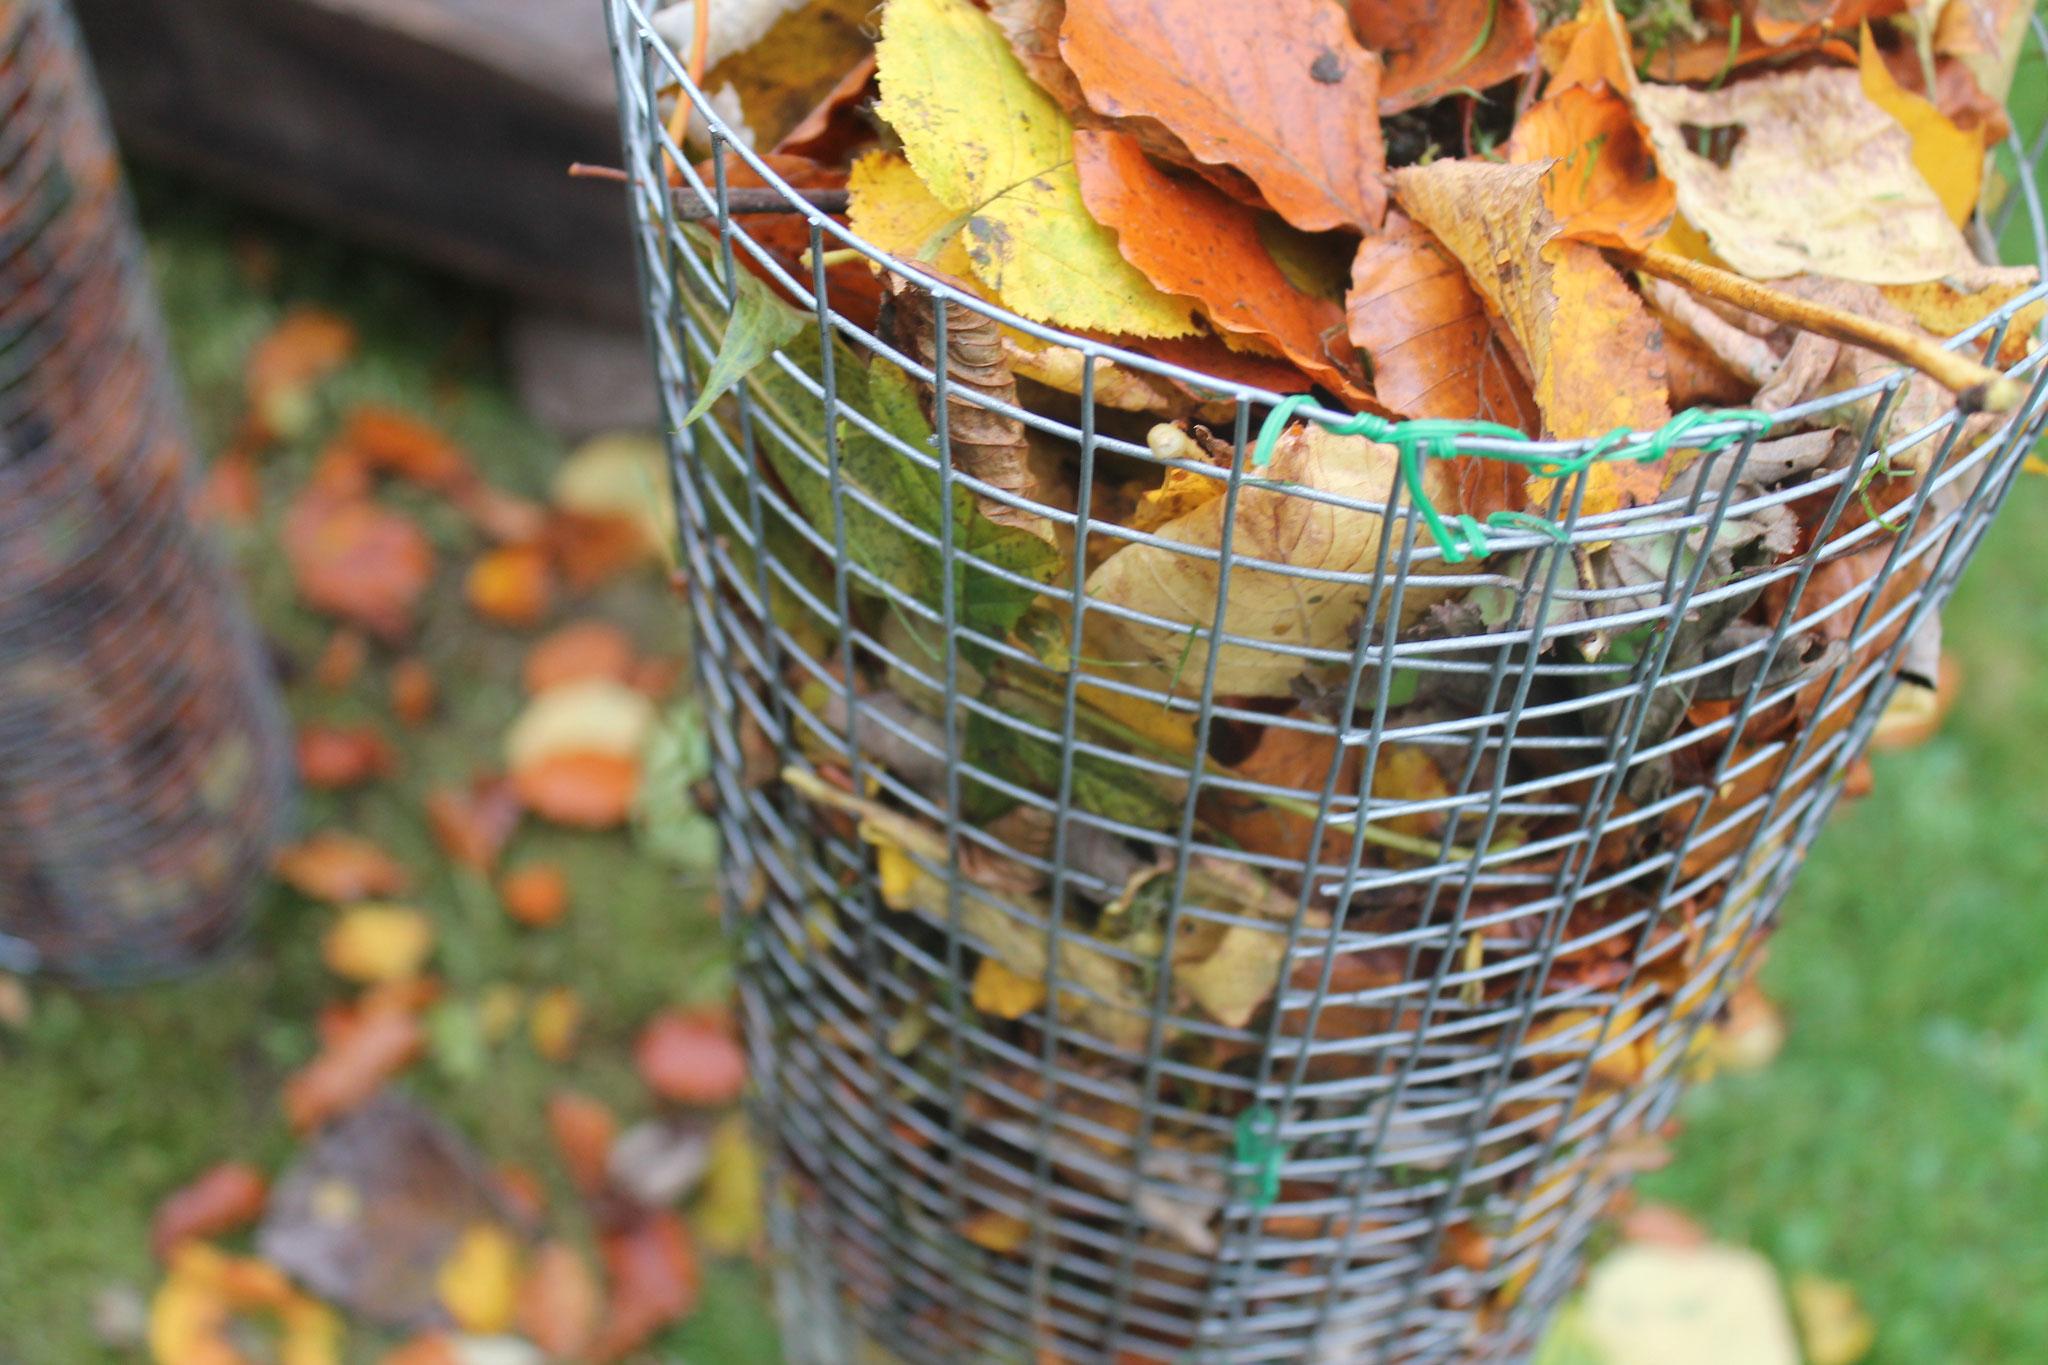 Kompost-Laubkerze nur mit Wickeldraht verbunden